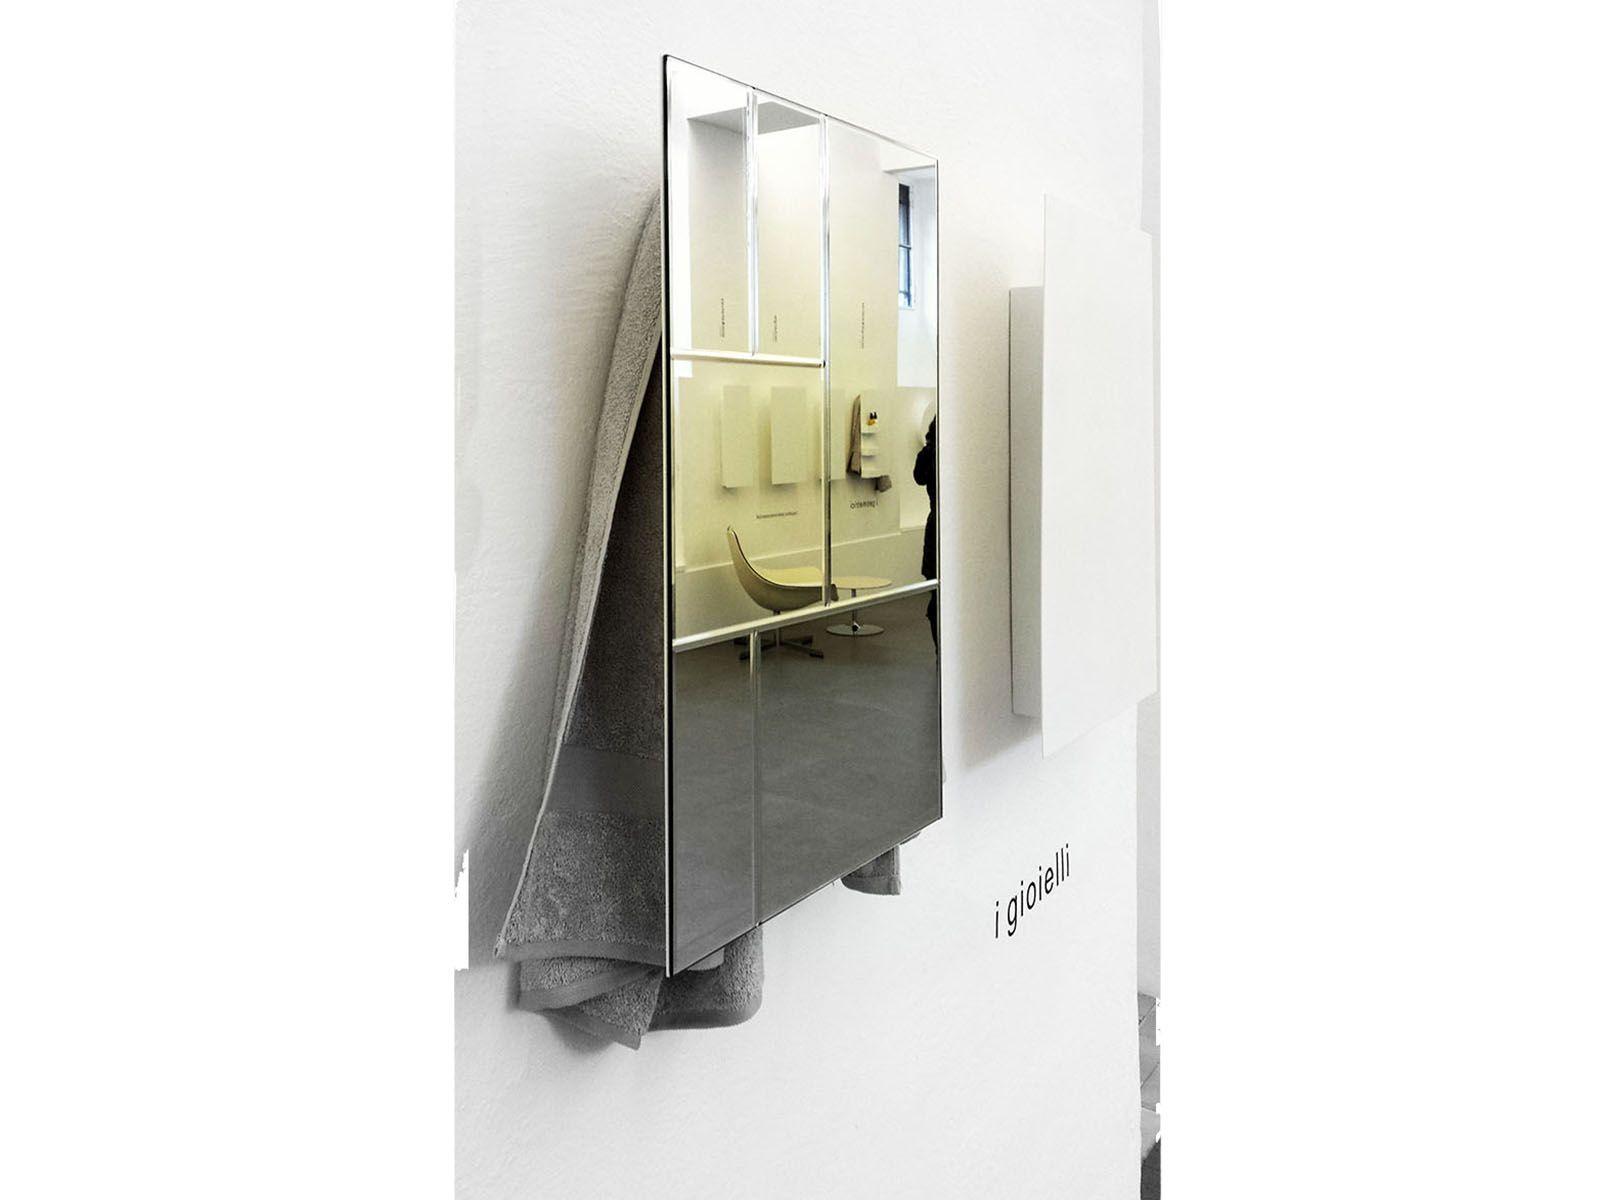 Scaldasalviette elettrico a parete a specchio mirror - Parete a specchio ...